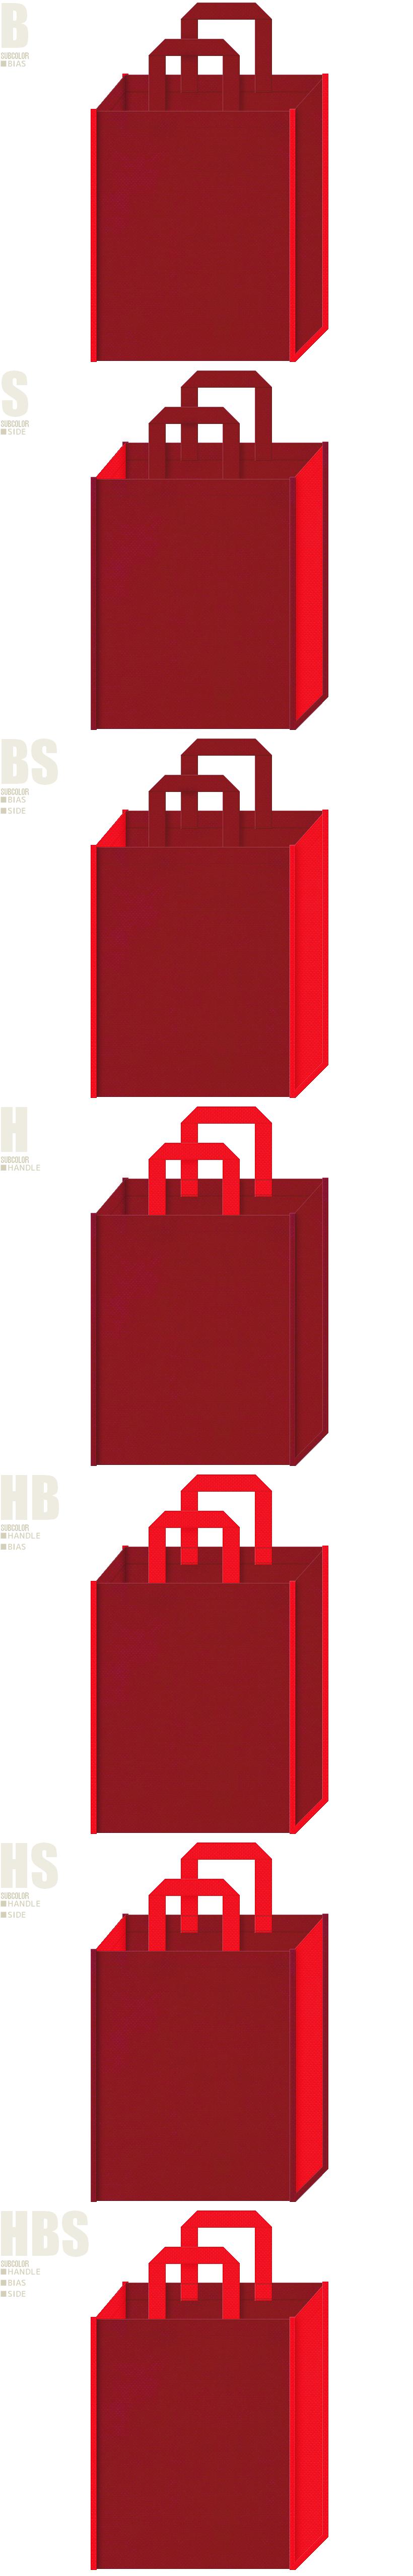 エンジ色と赤色、7パターンの不織布トートバッグ配色デザイン例。お城イベント・ゲームにお奨めです。赤備えの甲冑イメージ。